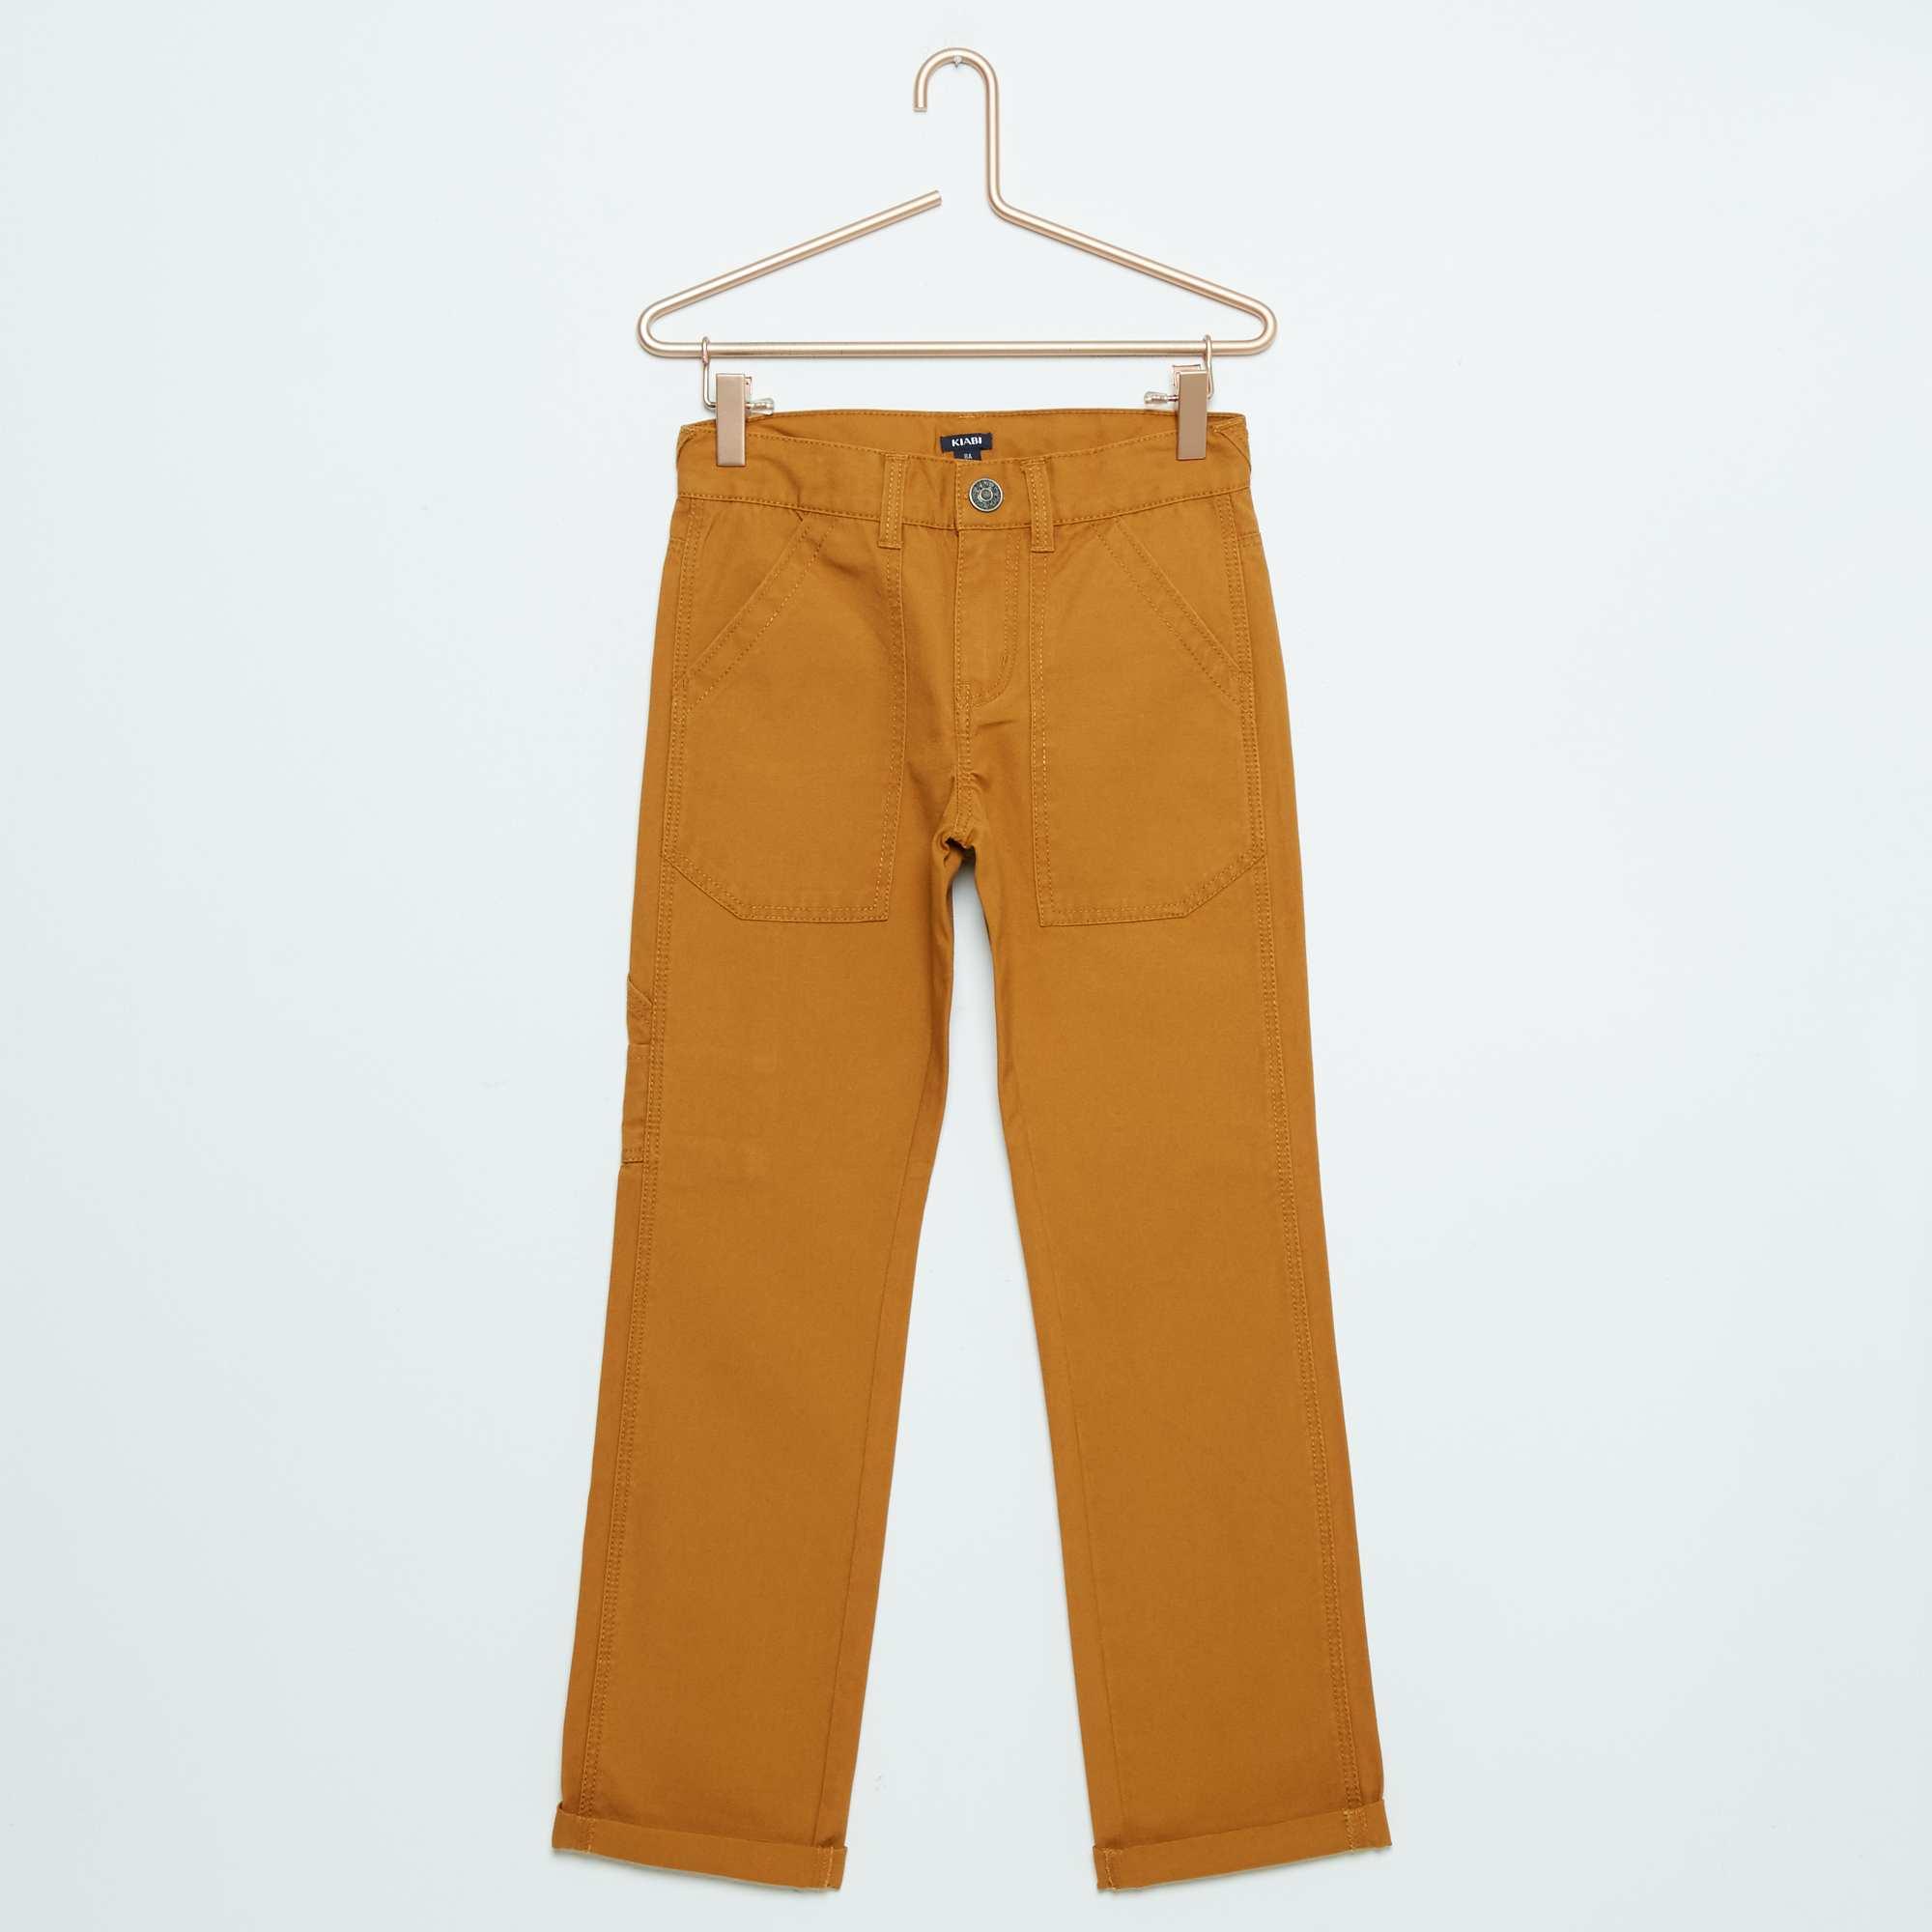 Couleur : JAUNE, , ,, - Taille : 9A, 7A, 12A,,Pour changer du traditionnel jean bleu, on met de la couleur ! - Pantalon en pur